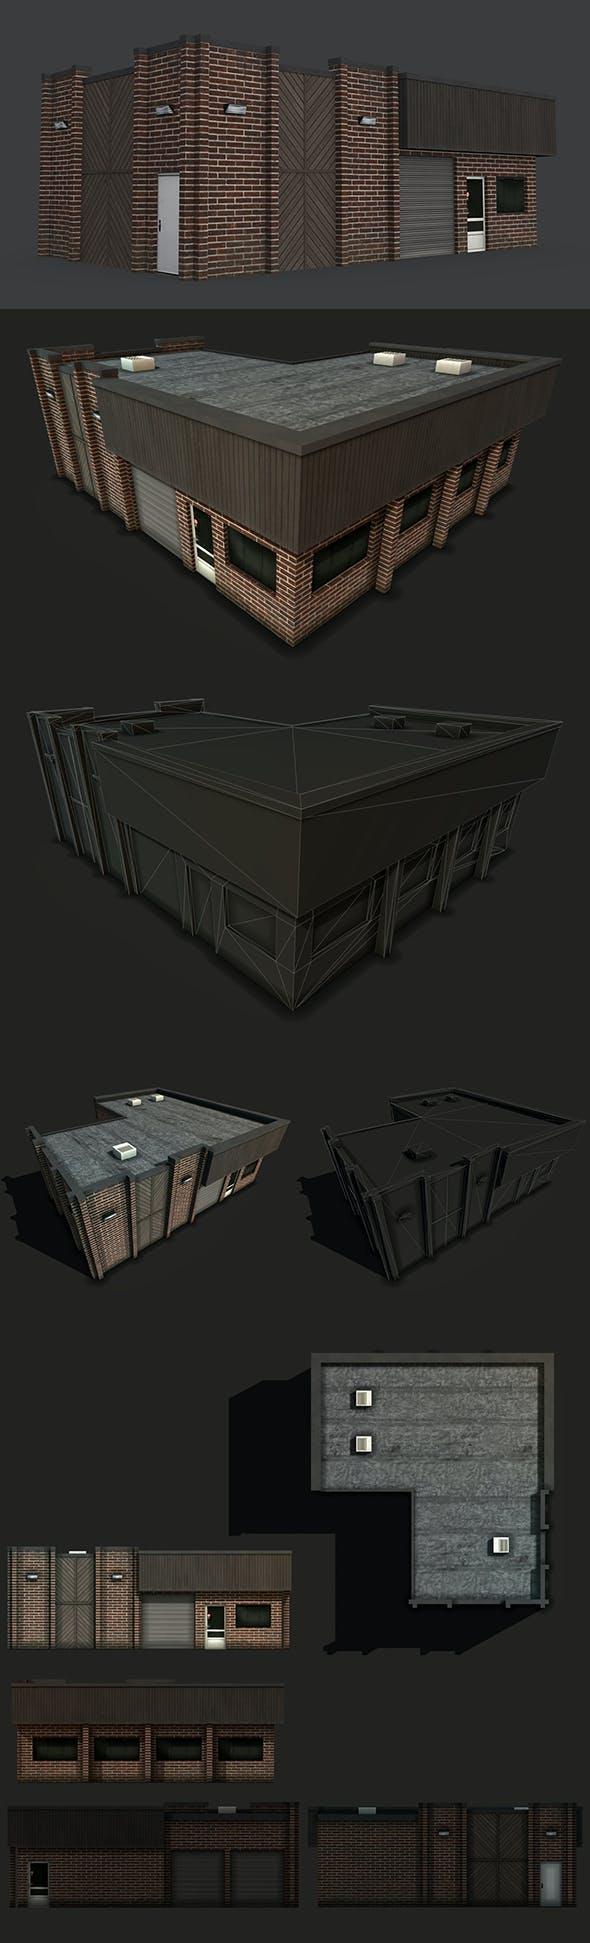 Car Workshop Building - 3DOcean Item for Sale